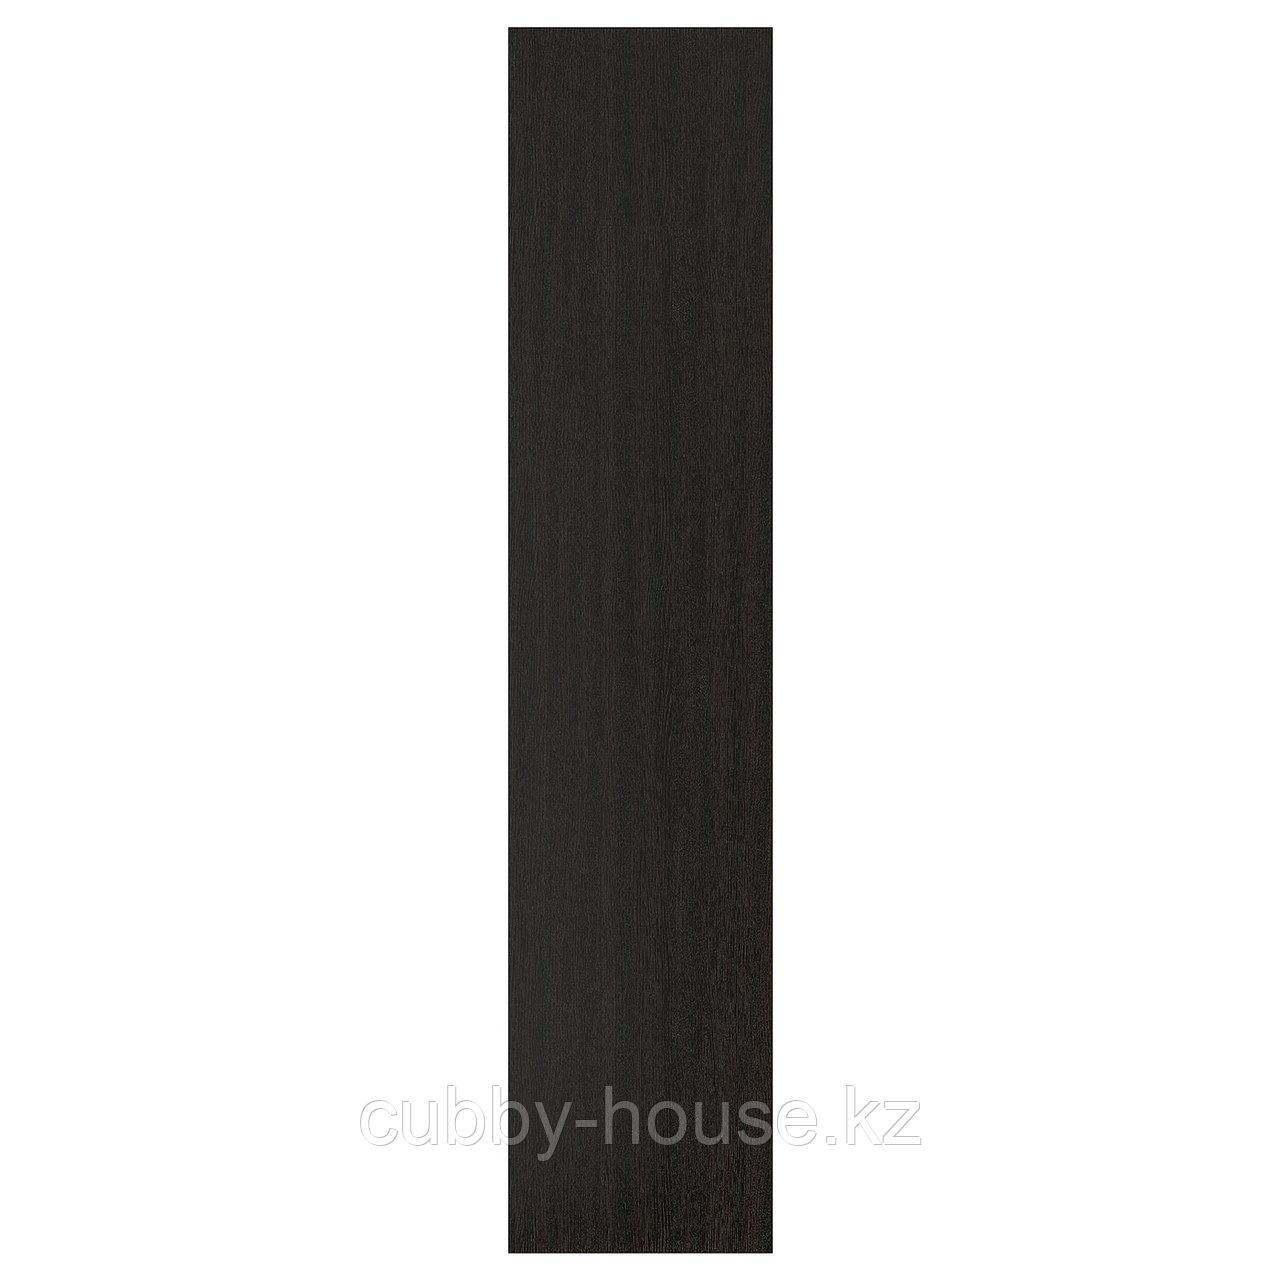 ФОРСАНД Дверь, под мореный ясень, черно-коричневый, 50x229 см